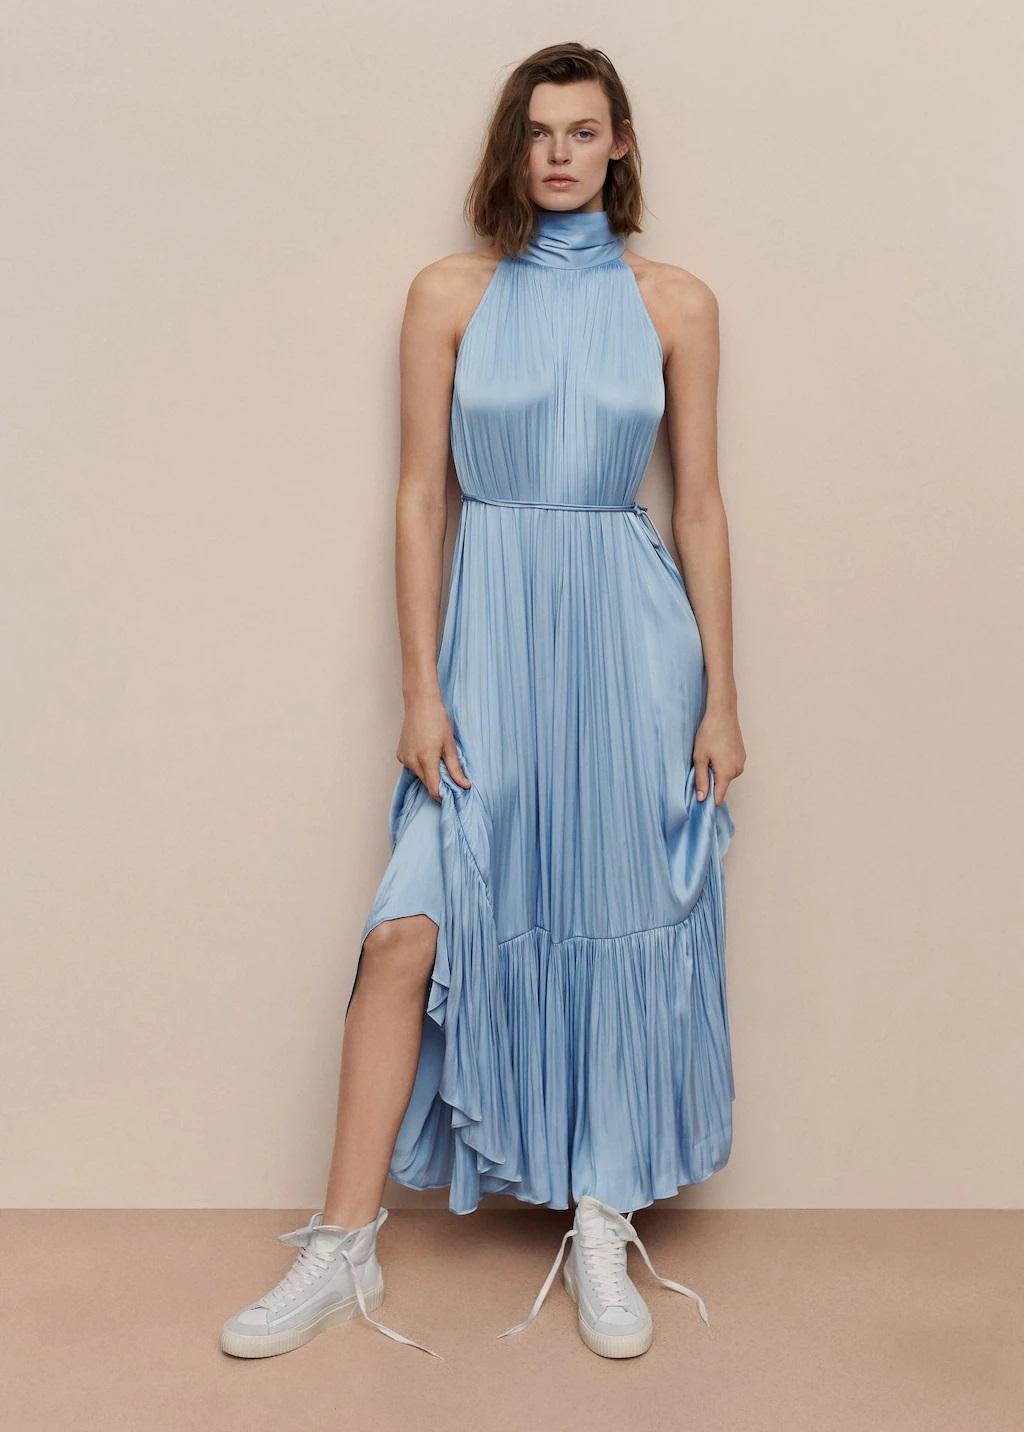 Hà Hồ có cả loạt váy sống ảo đỉnh cao nhờ kiểu váy này, chị em muốn học theo cũng cực dễ - Ảnh 7.